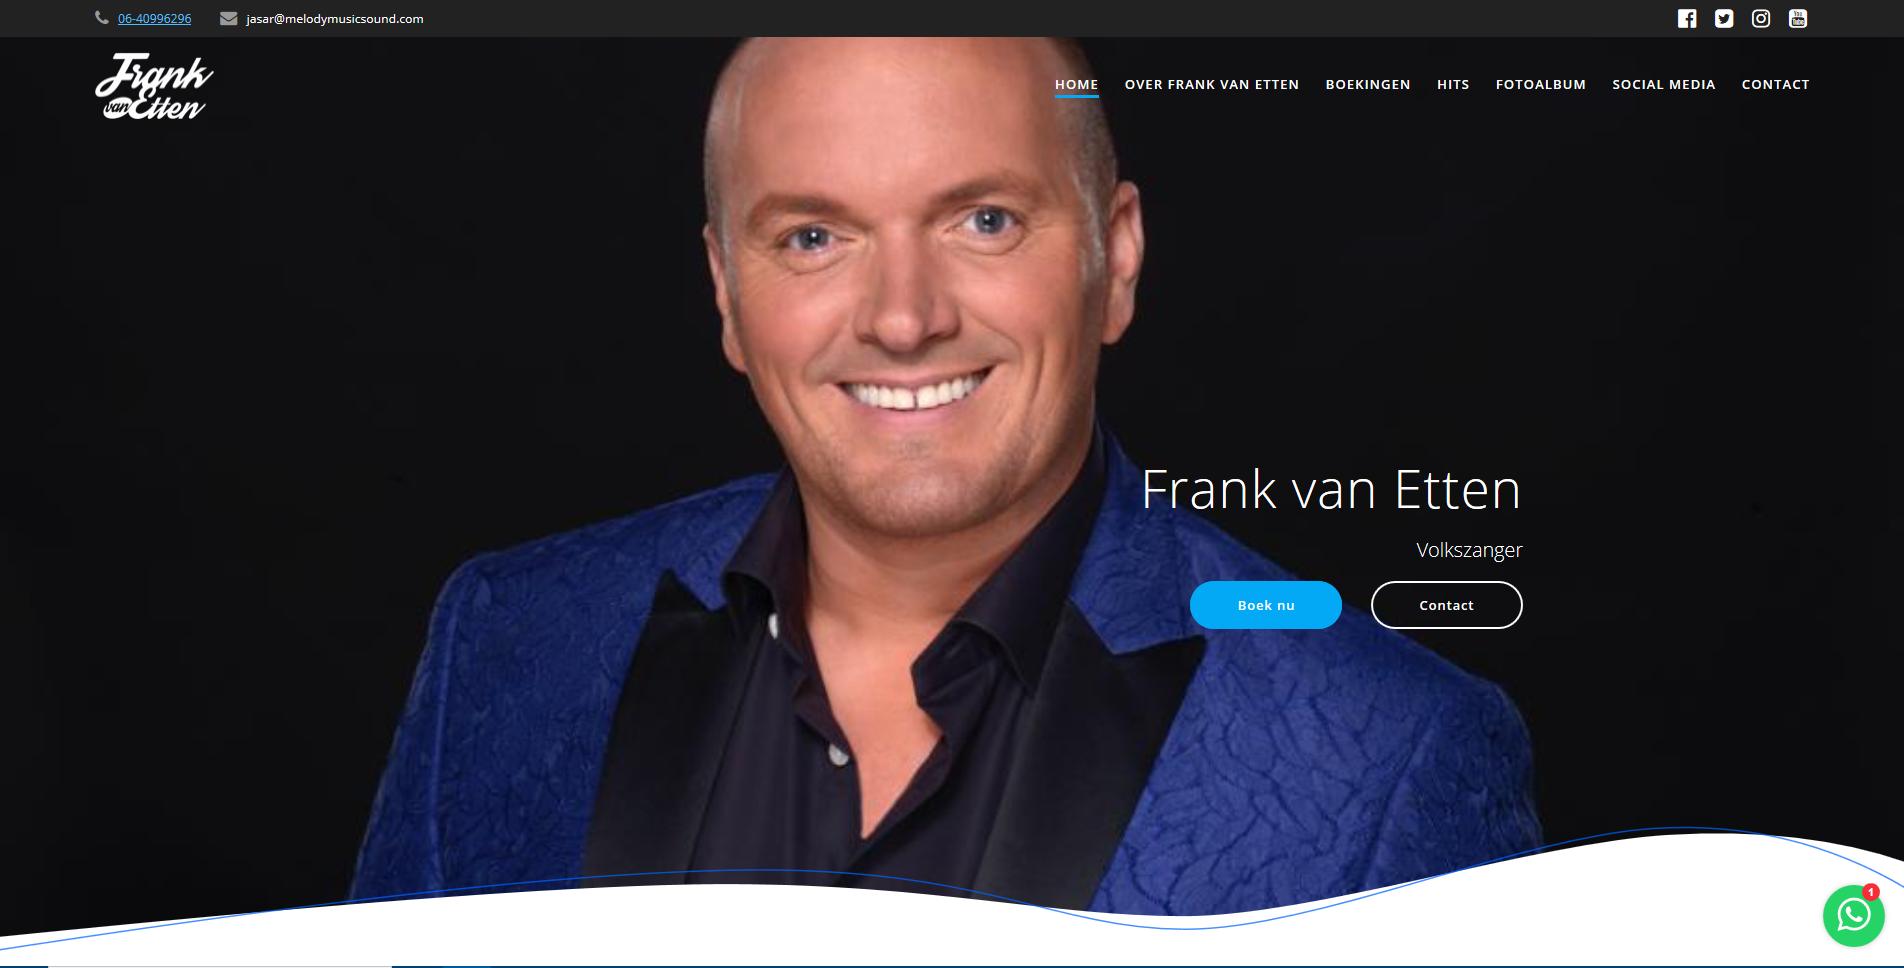 Frank van Etten